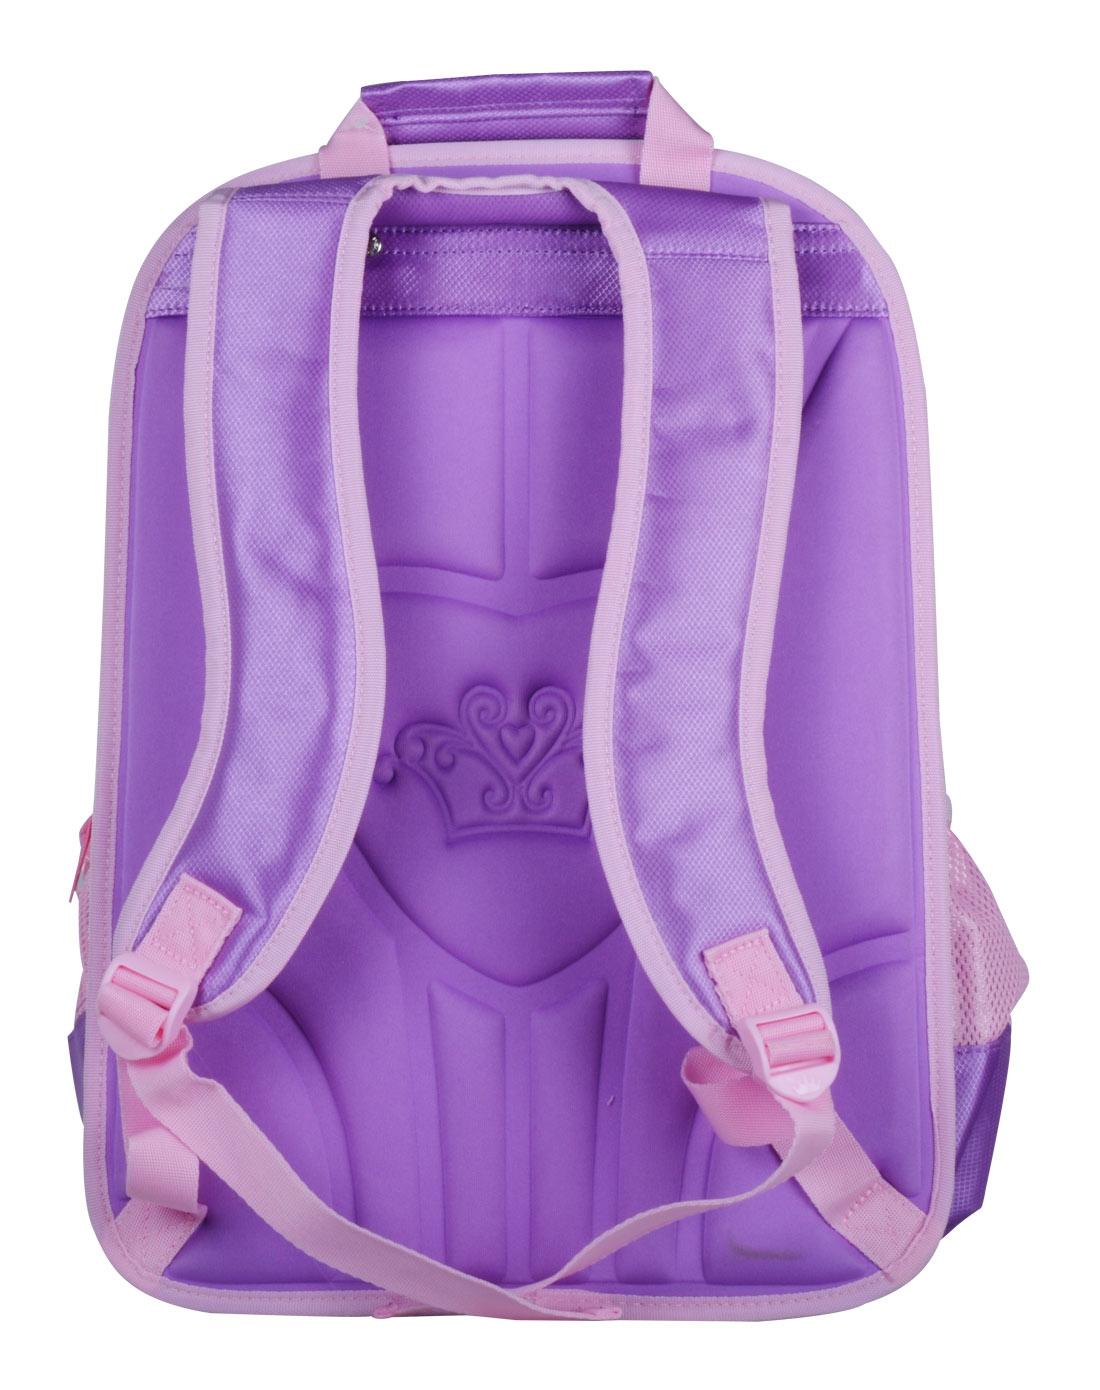 迪士尼disney儿童用品专场女童紫色43l可爱公主学生